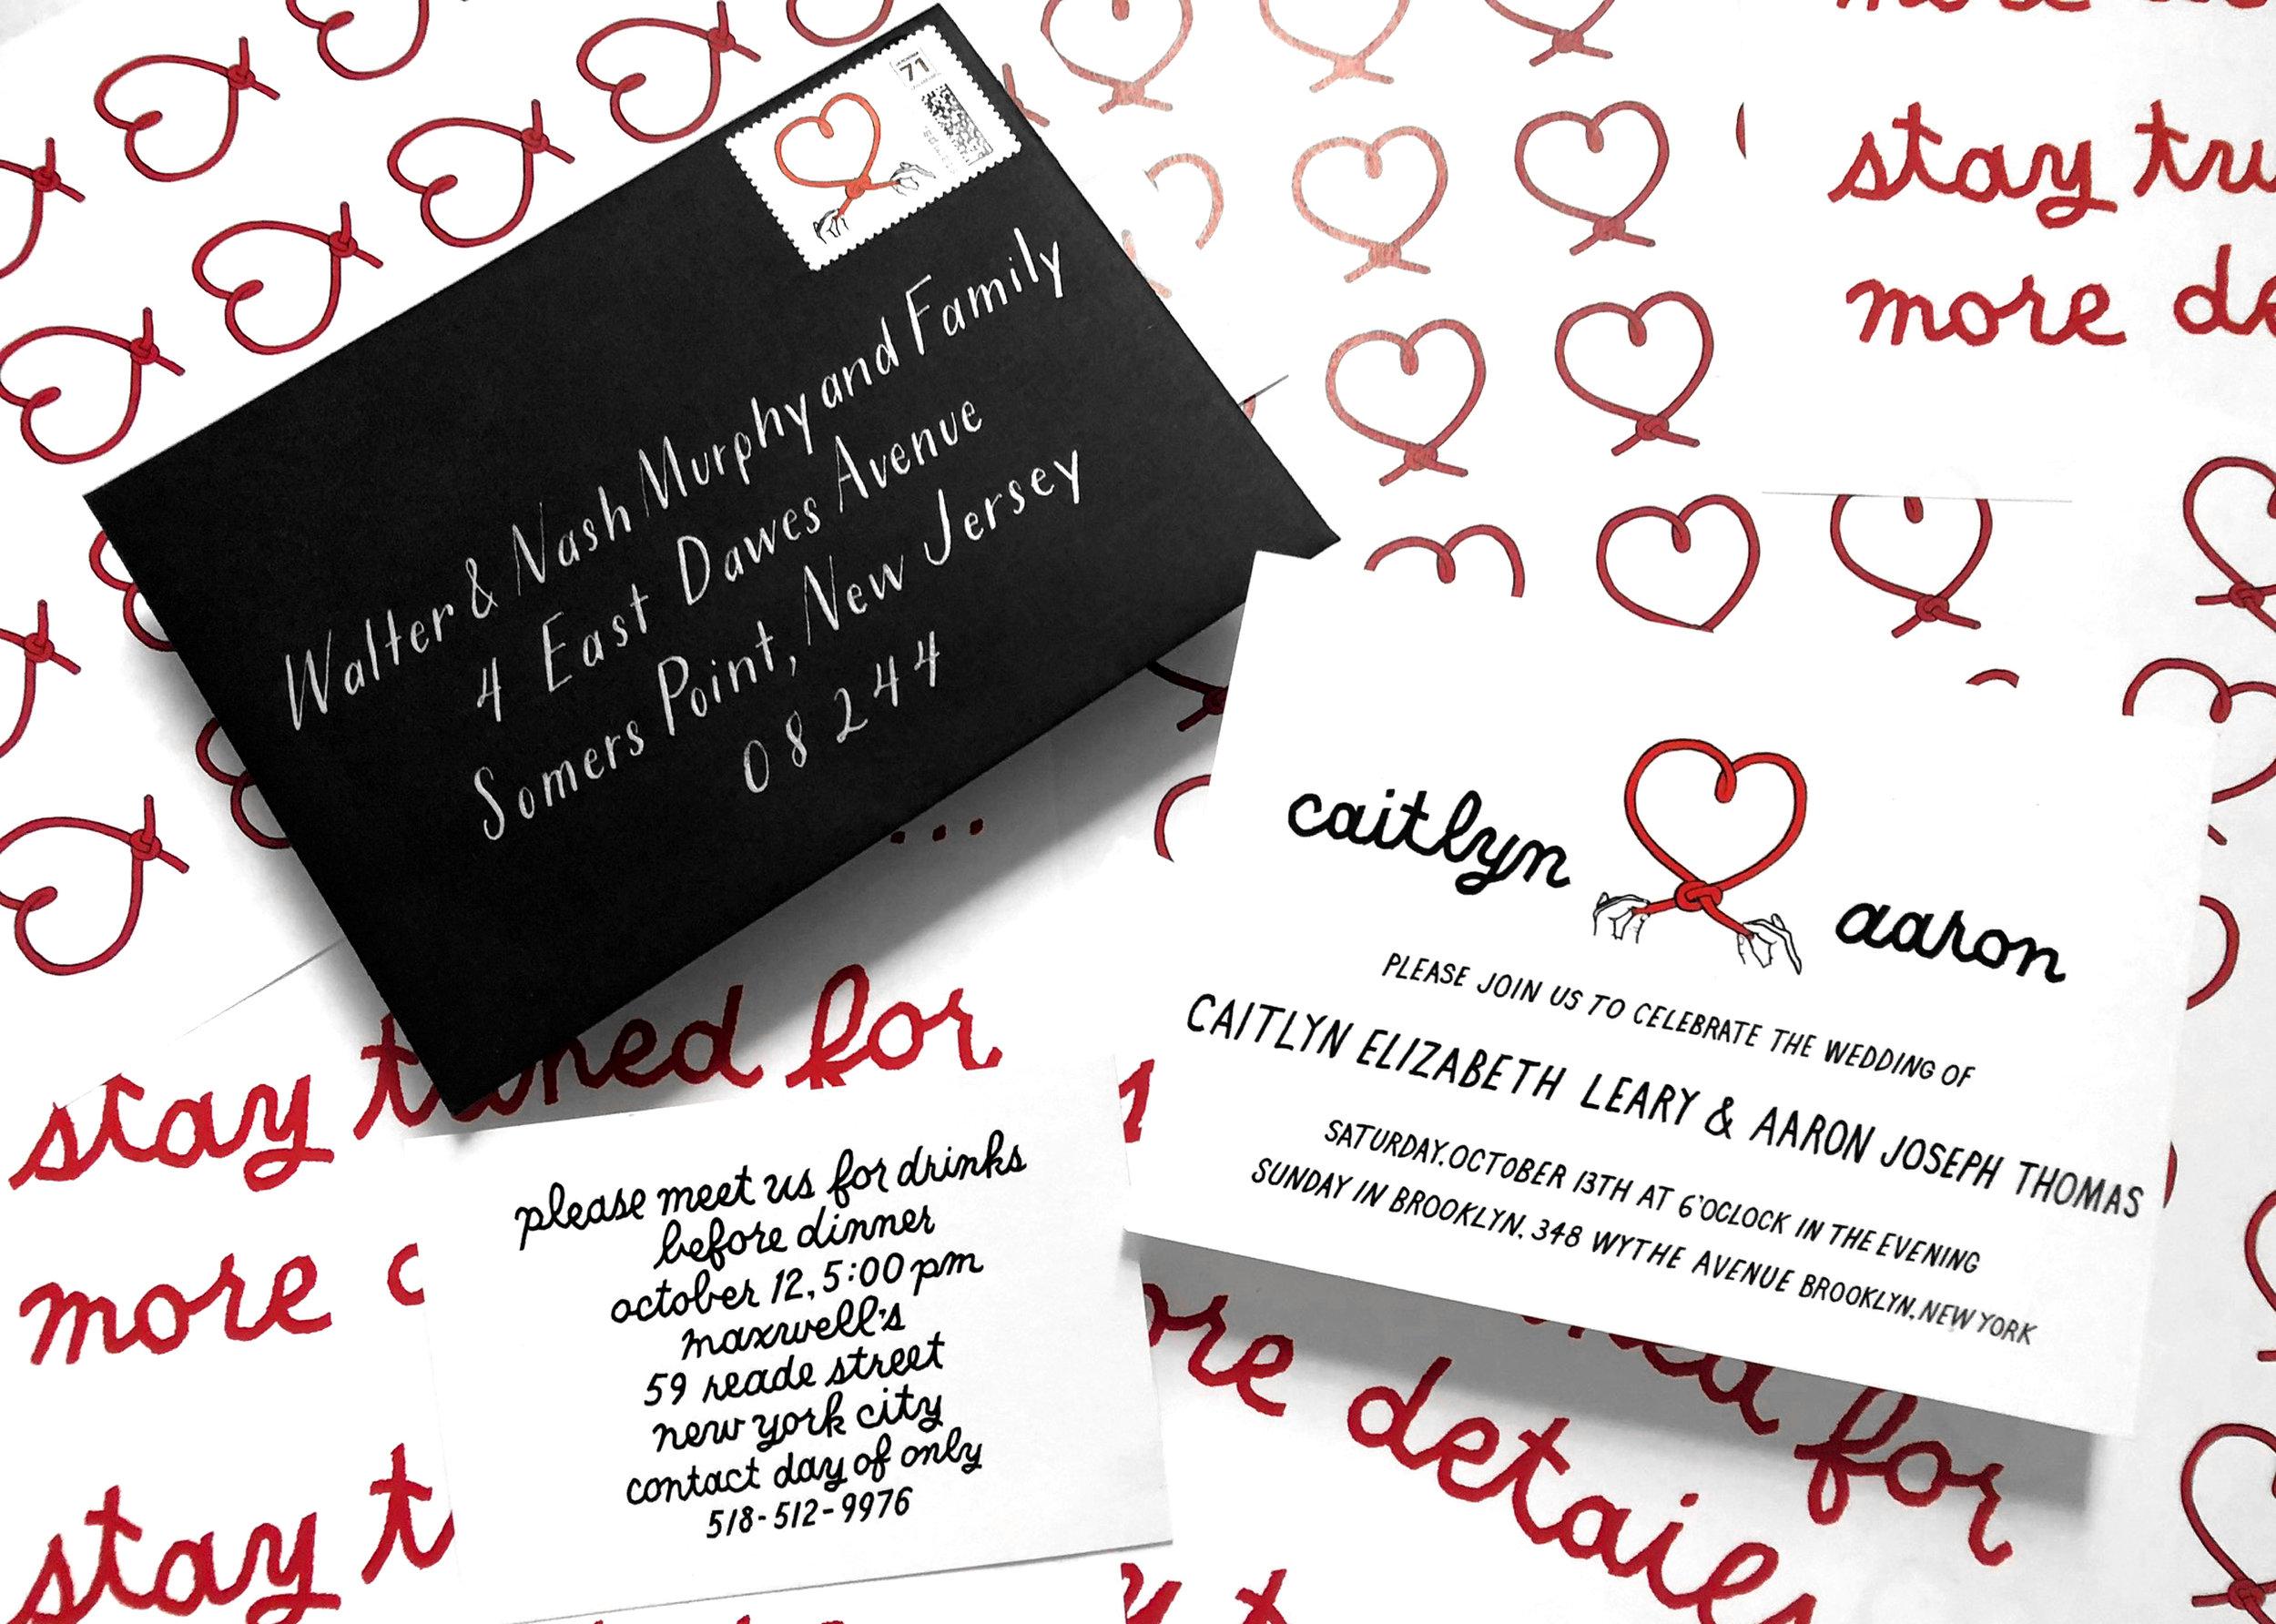 caitlyn_small.jpg